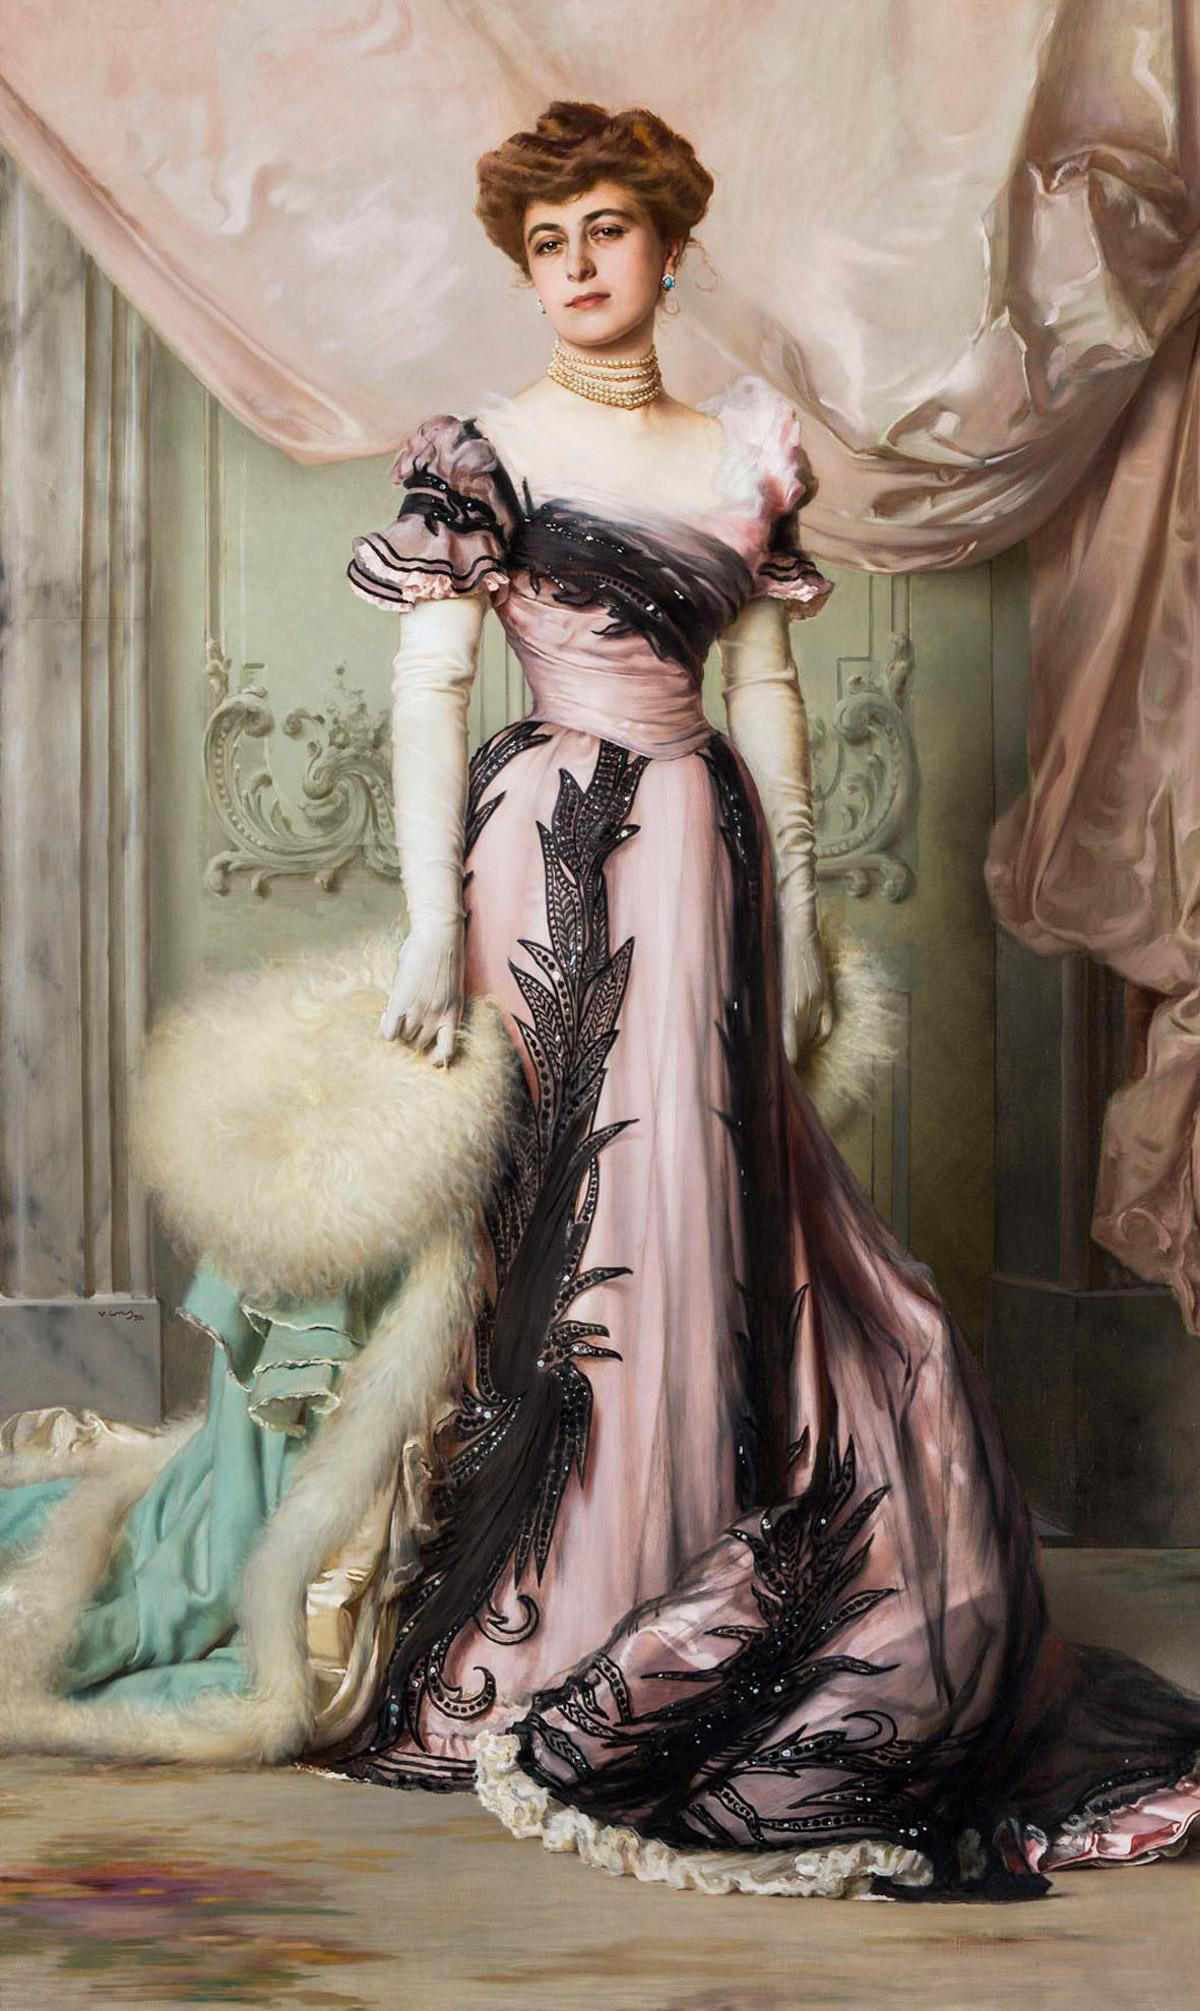 Ritratto di Carolina Maraini Sommaruga, 1901, olio su tela, cm 224 x 130. Roma, Fondazione per Istituto Svizzero